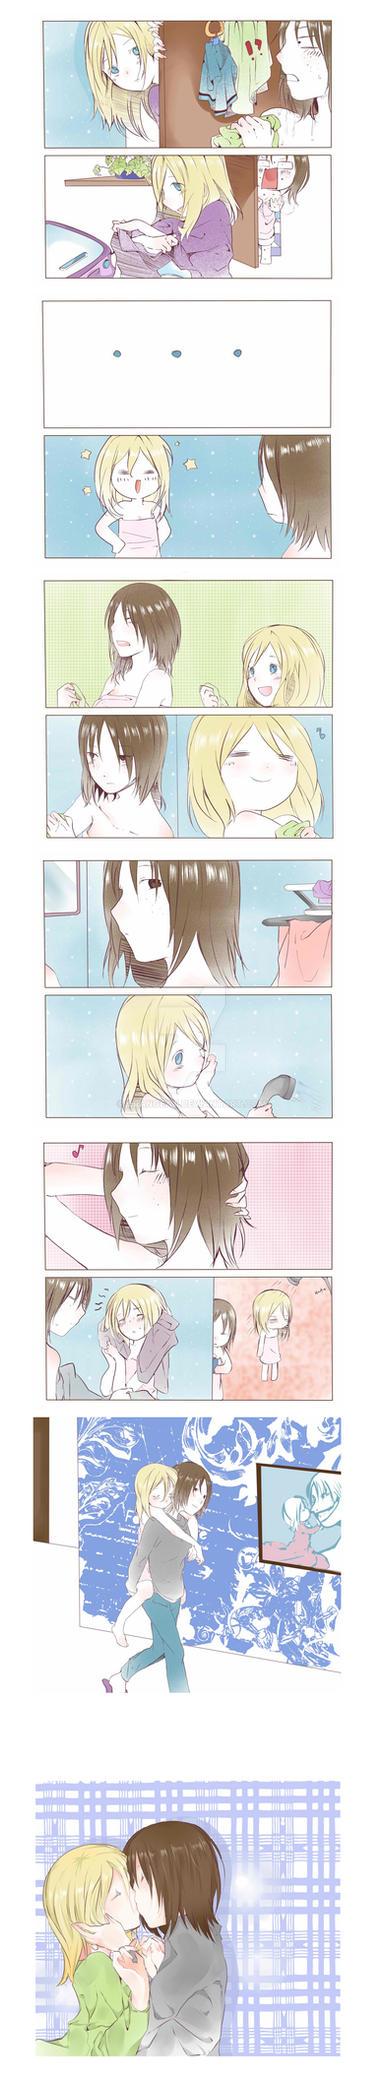 YUMIKURI - short story drawn in 2013 by CRangeaT